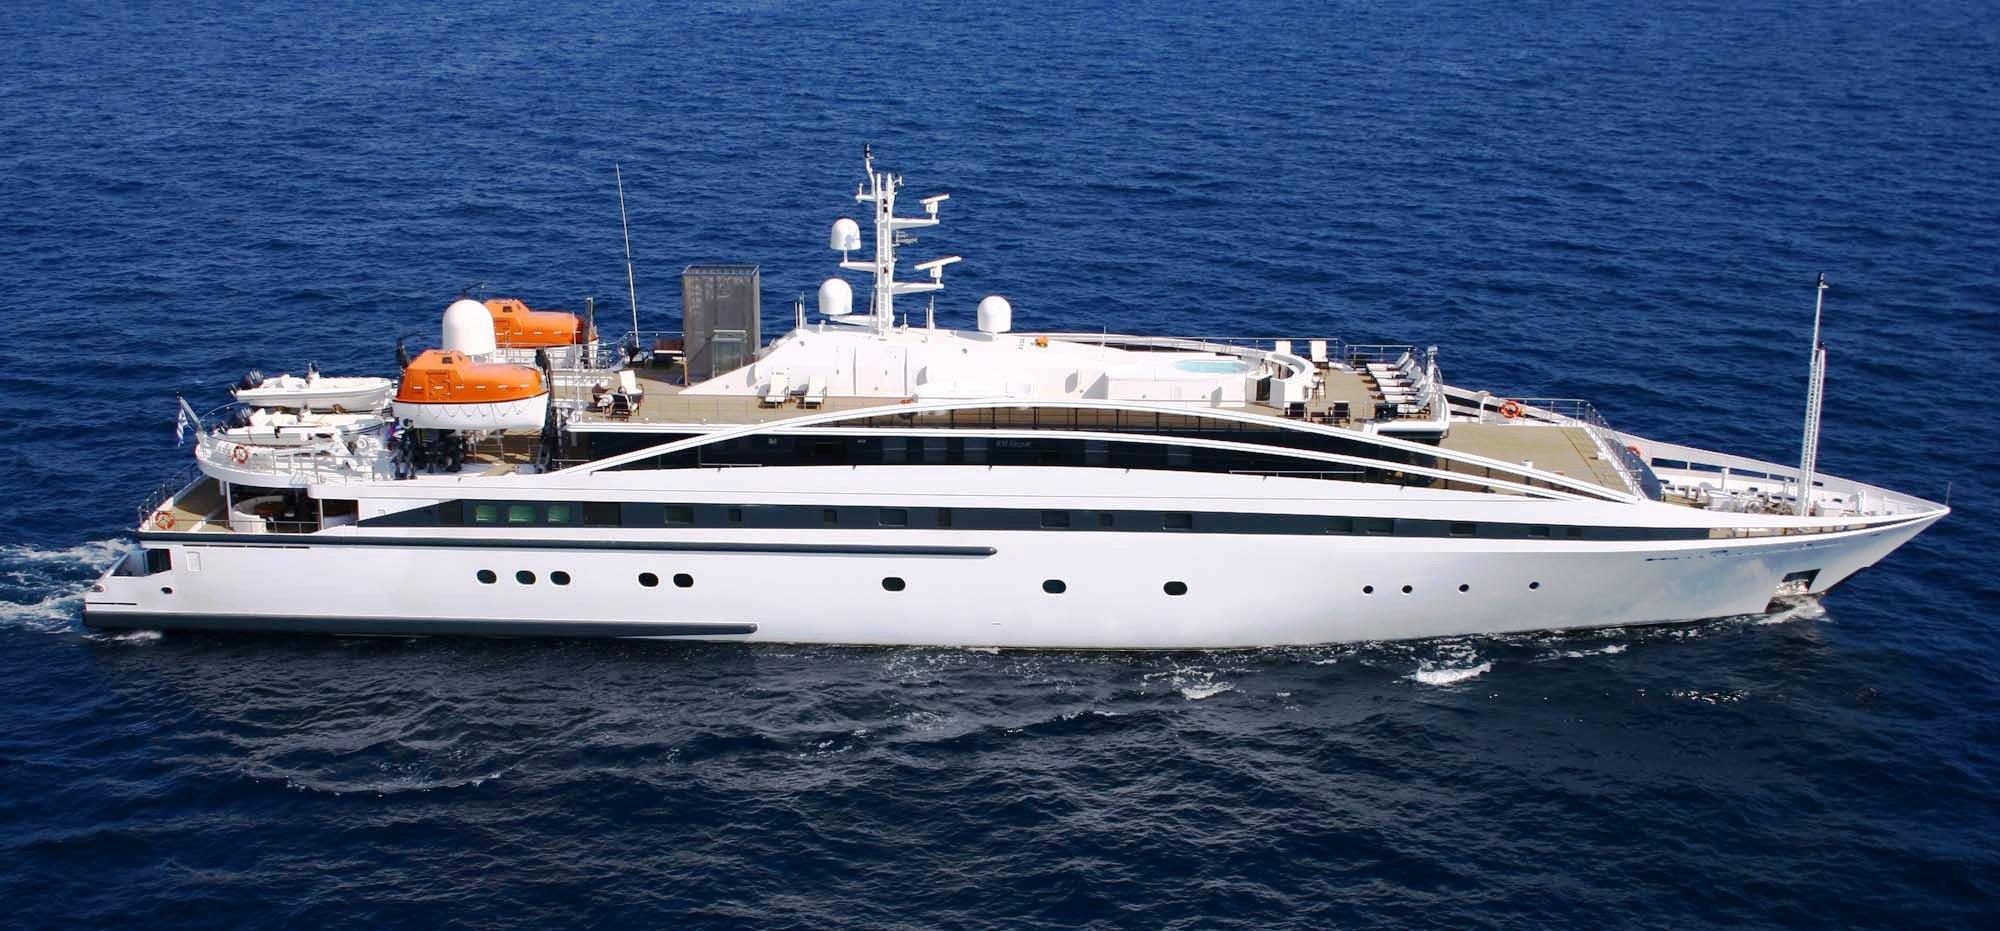 elegant 007 yacht charter details lamda shipyard. Black Bedroom Furniture Sets. Home Design Ideas